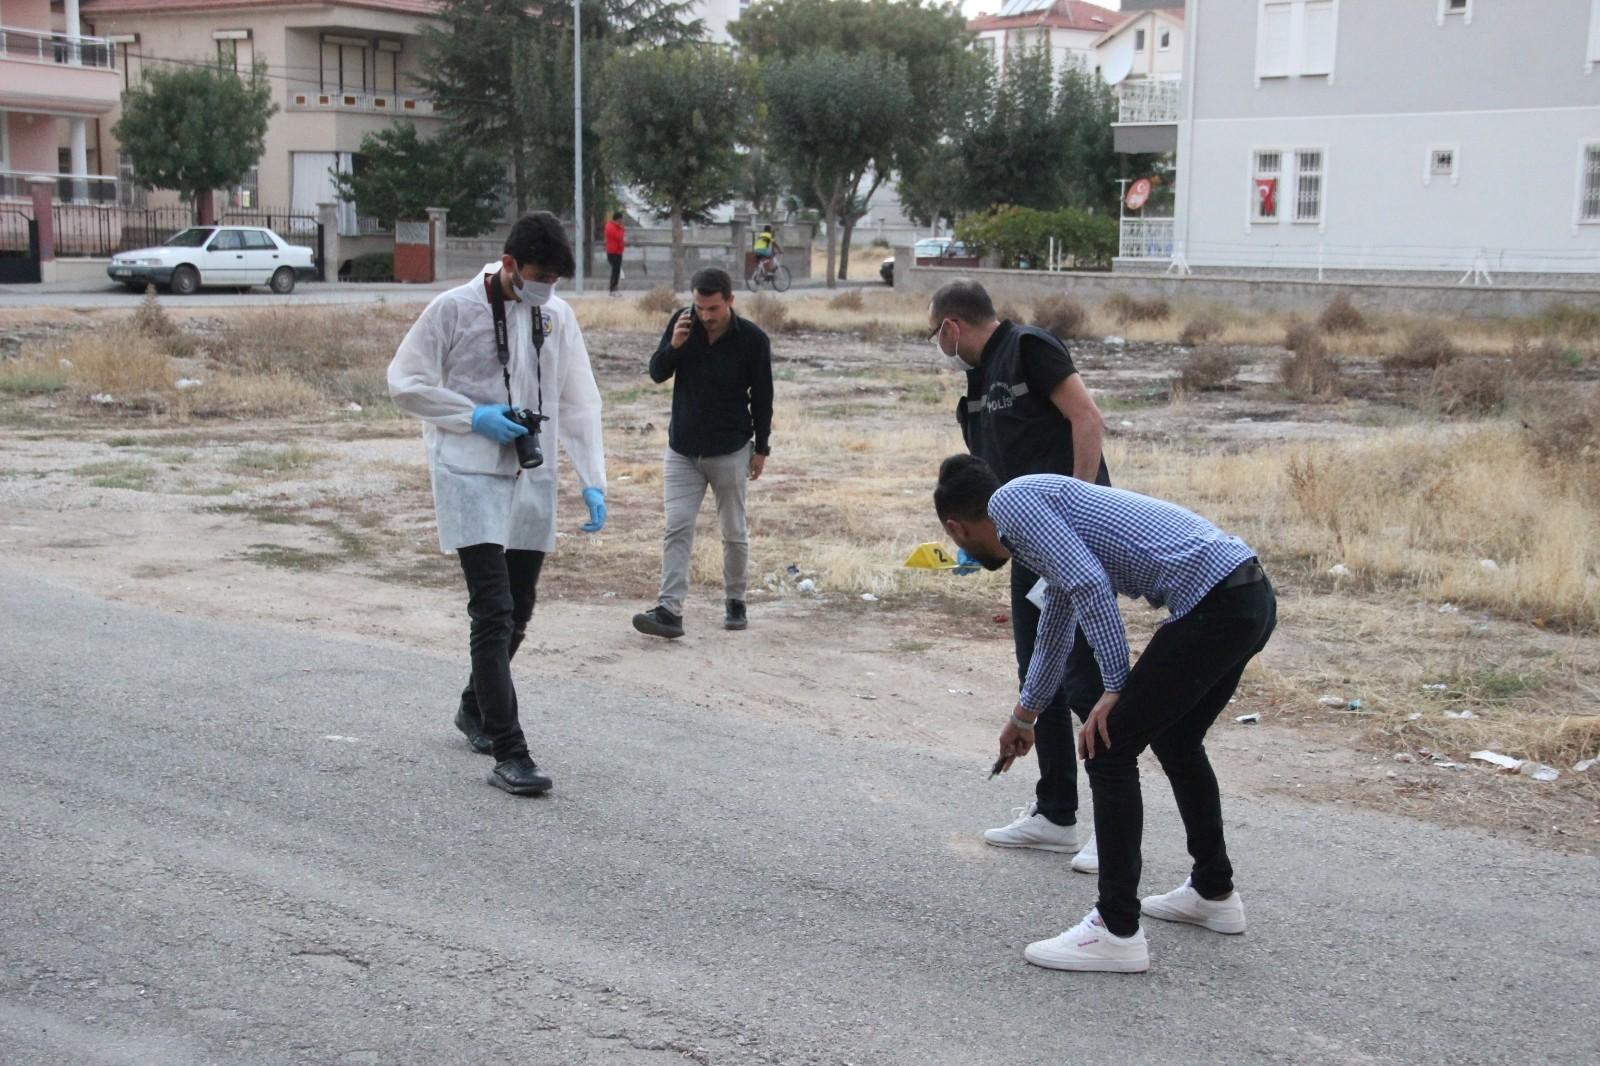 Karaman'da bıçaklanan genç hayatını kaybetti, 16 yaşındaki şüphelisi tutuklandı